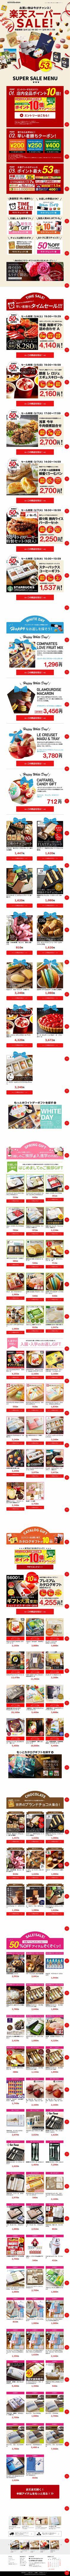 楽天スーパーセール【食品関連】のLPデザイン。WEBデザイナーさん必見!ランディングページのデザイン参考に(にぎやか系)